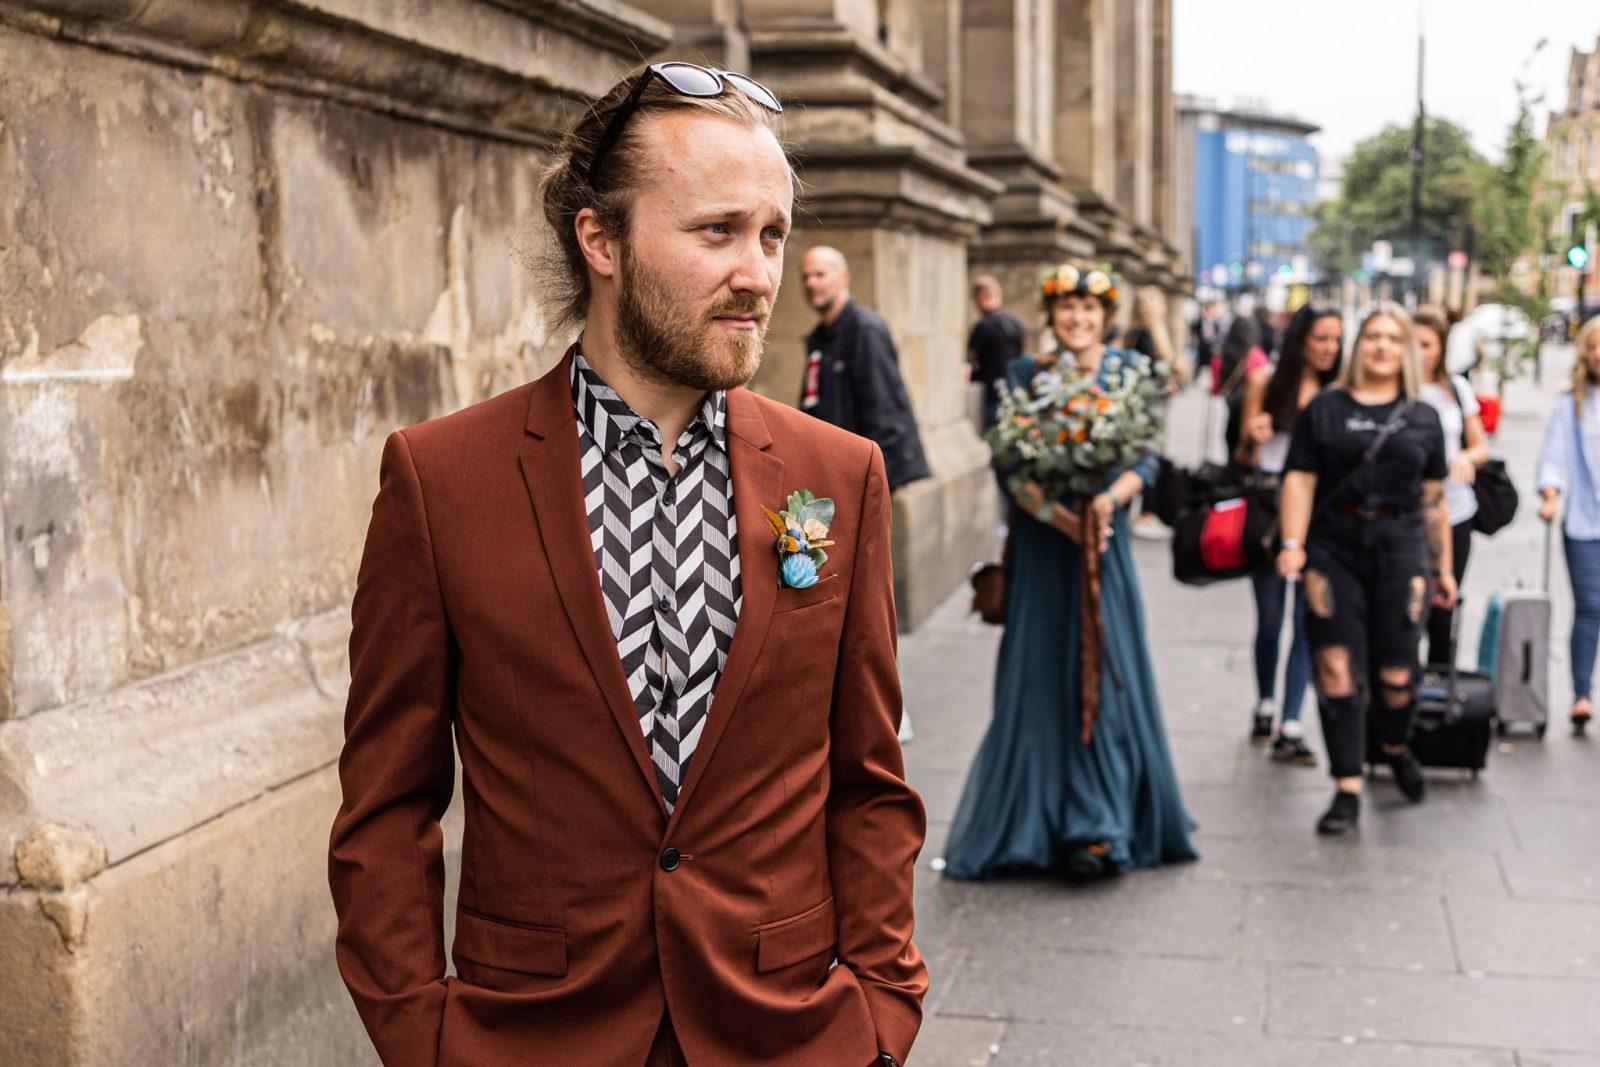 budget wedding ideas-alternative wedding newcastle